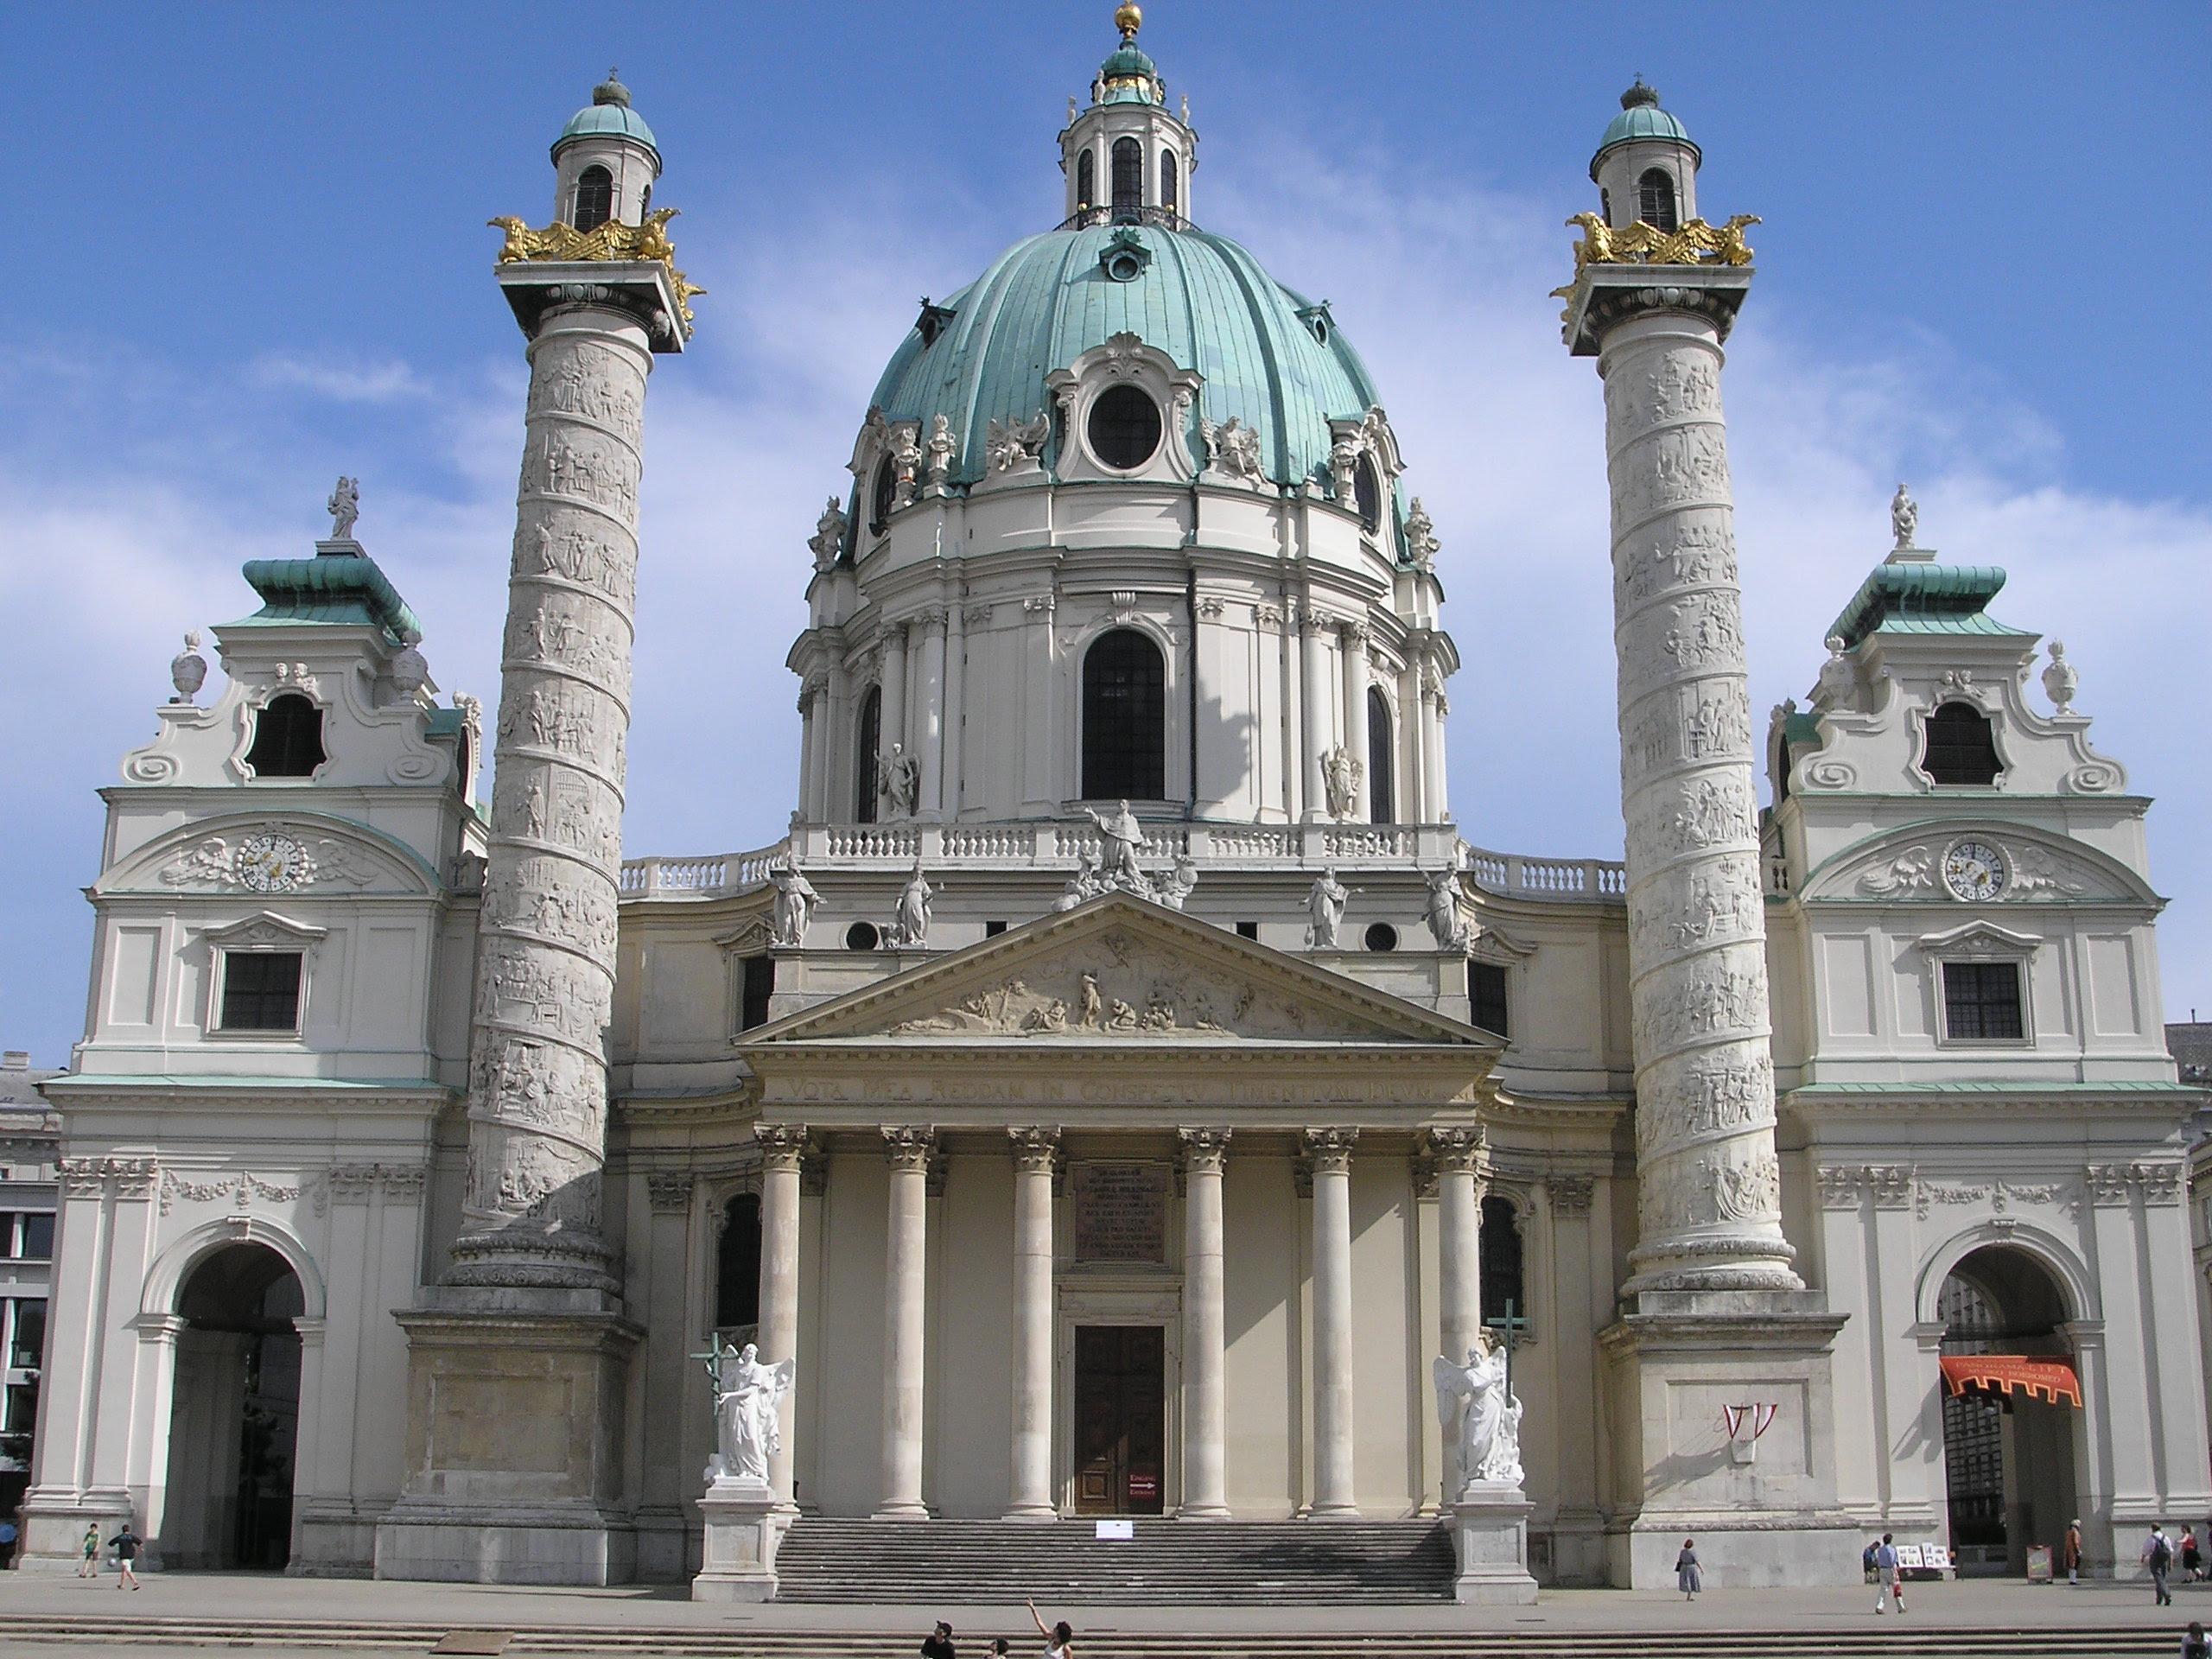 Igreja de São Carlos Borromeu (Karlskirche) em Viena